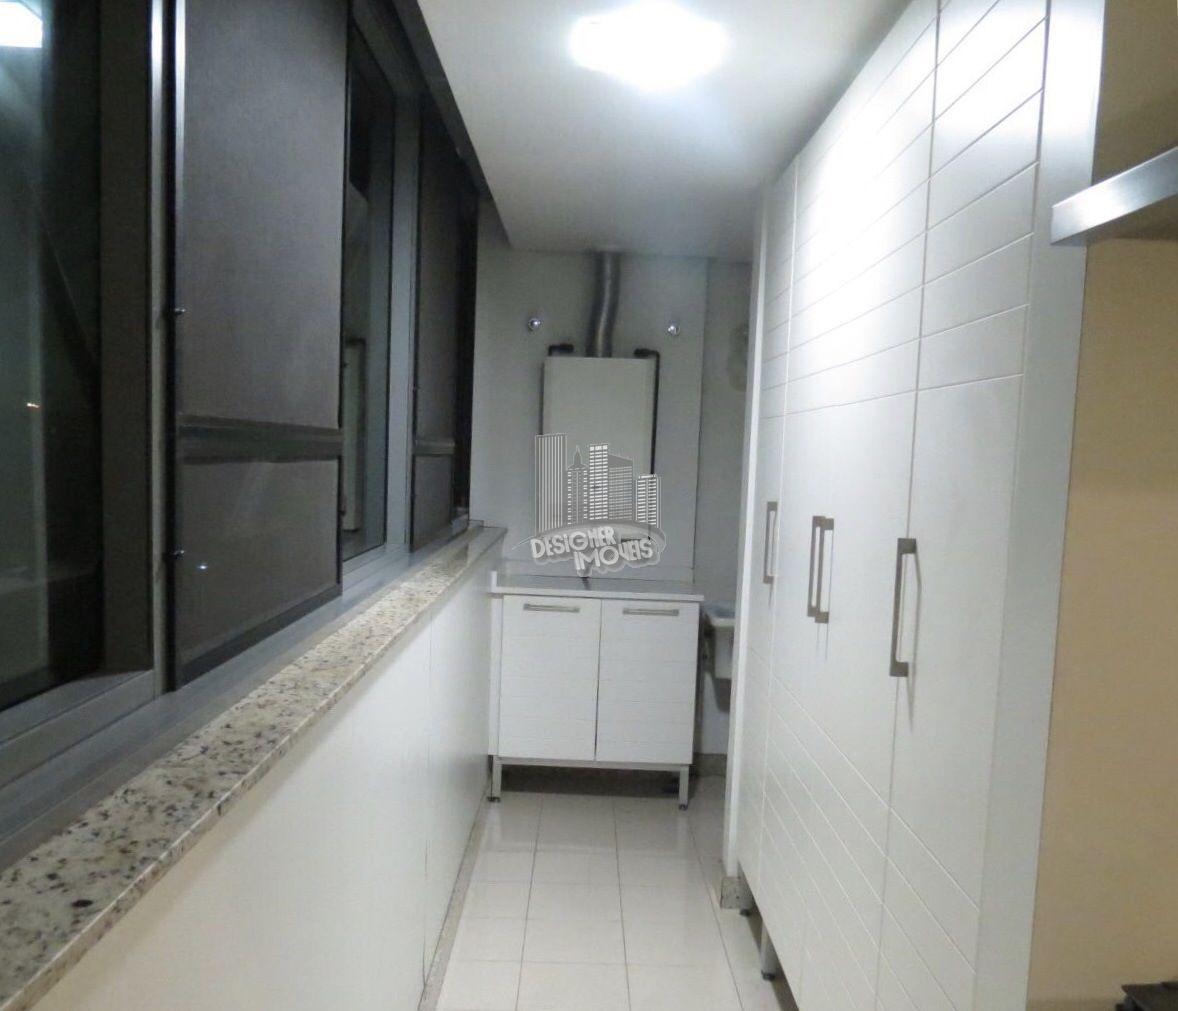 Apartamento Para Venda ou Aluguel no Condomínio Pedra de Itaúna - Rio de Janeiro - RJ - Barra da Tijuca - LRA4007 - 20